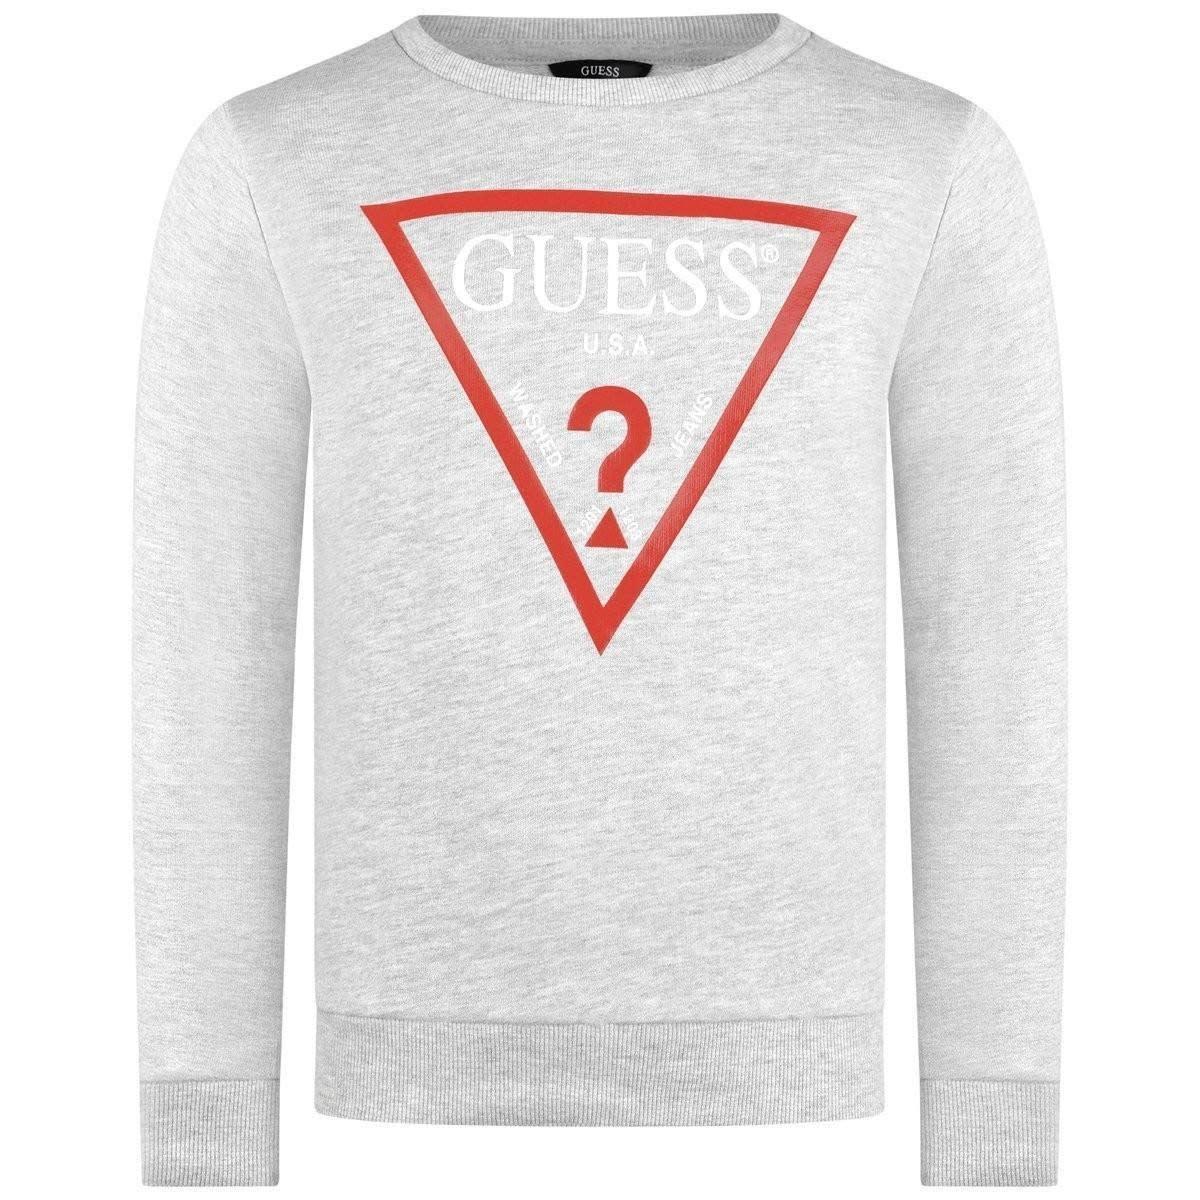 Guess Guess Grey Knit Logo Sweatshirt